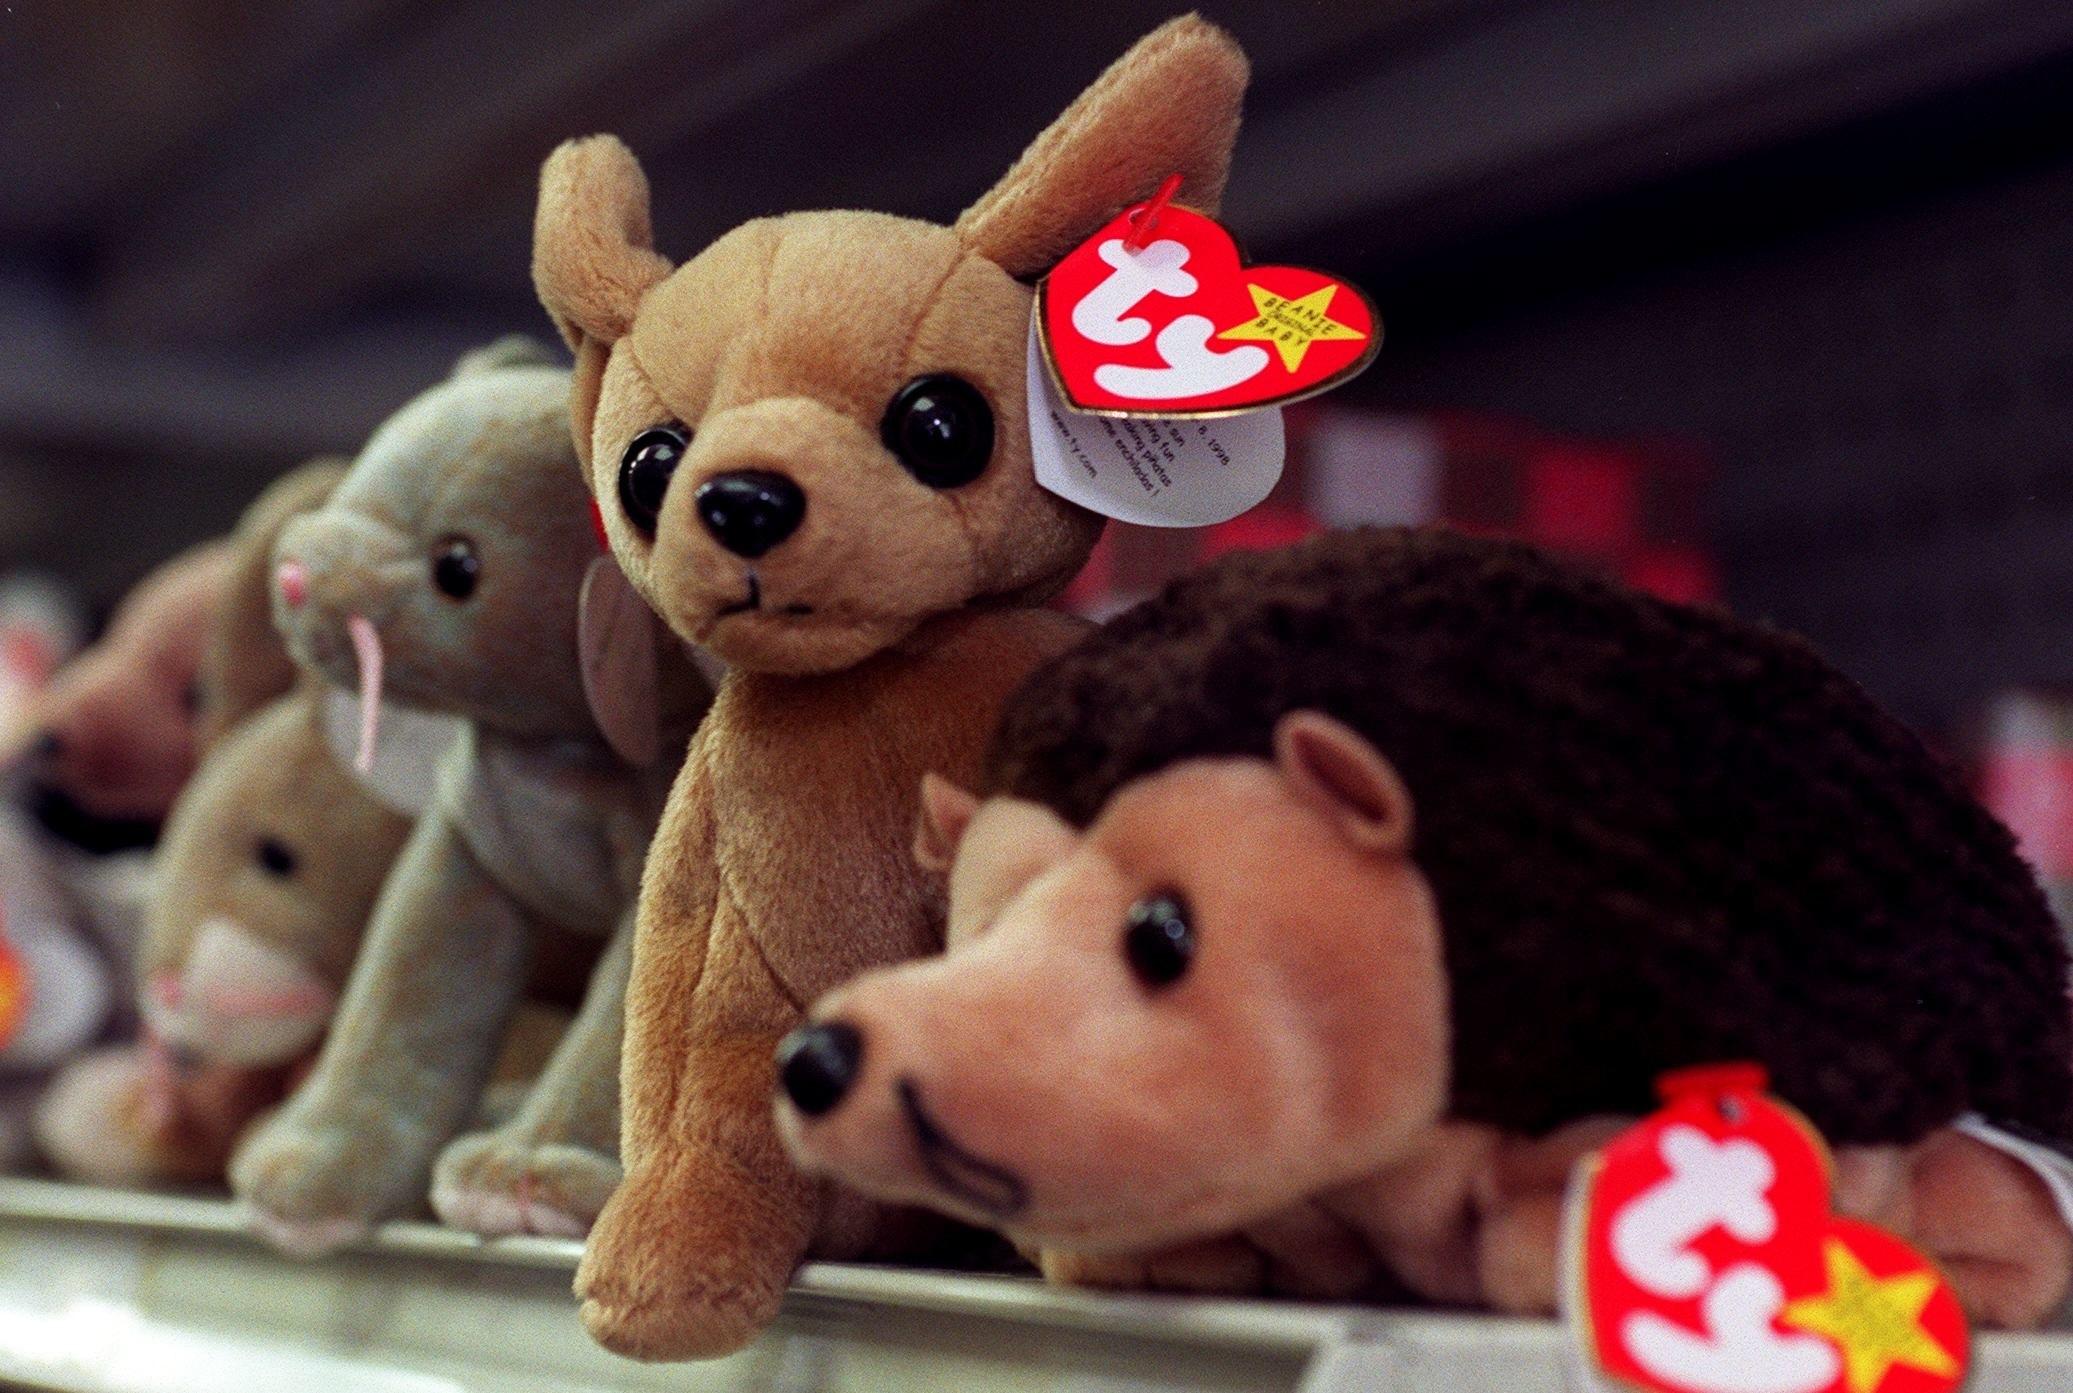 Photo of Beanie Babies on a shelf